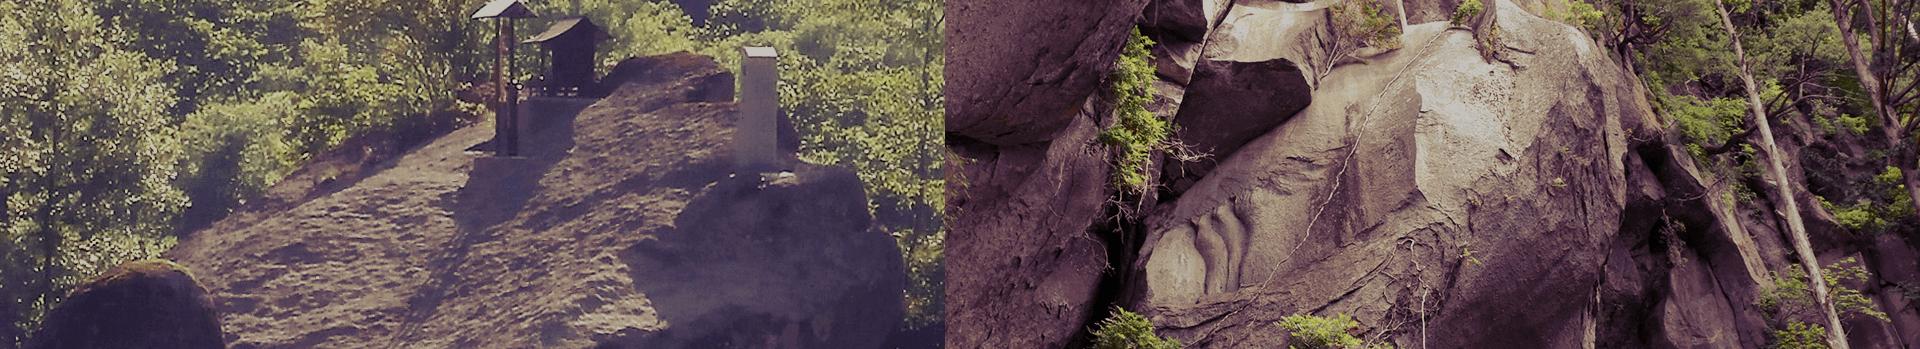 夫婦岩・杓子の岩屋ページトップ